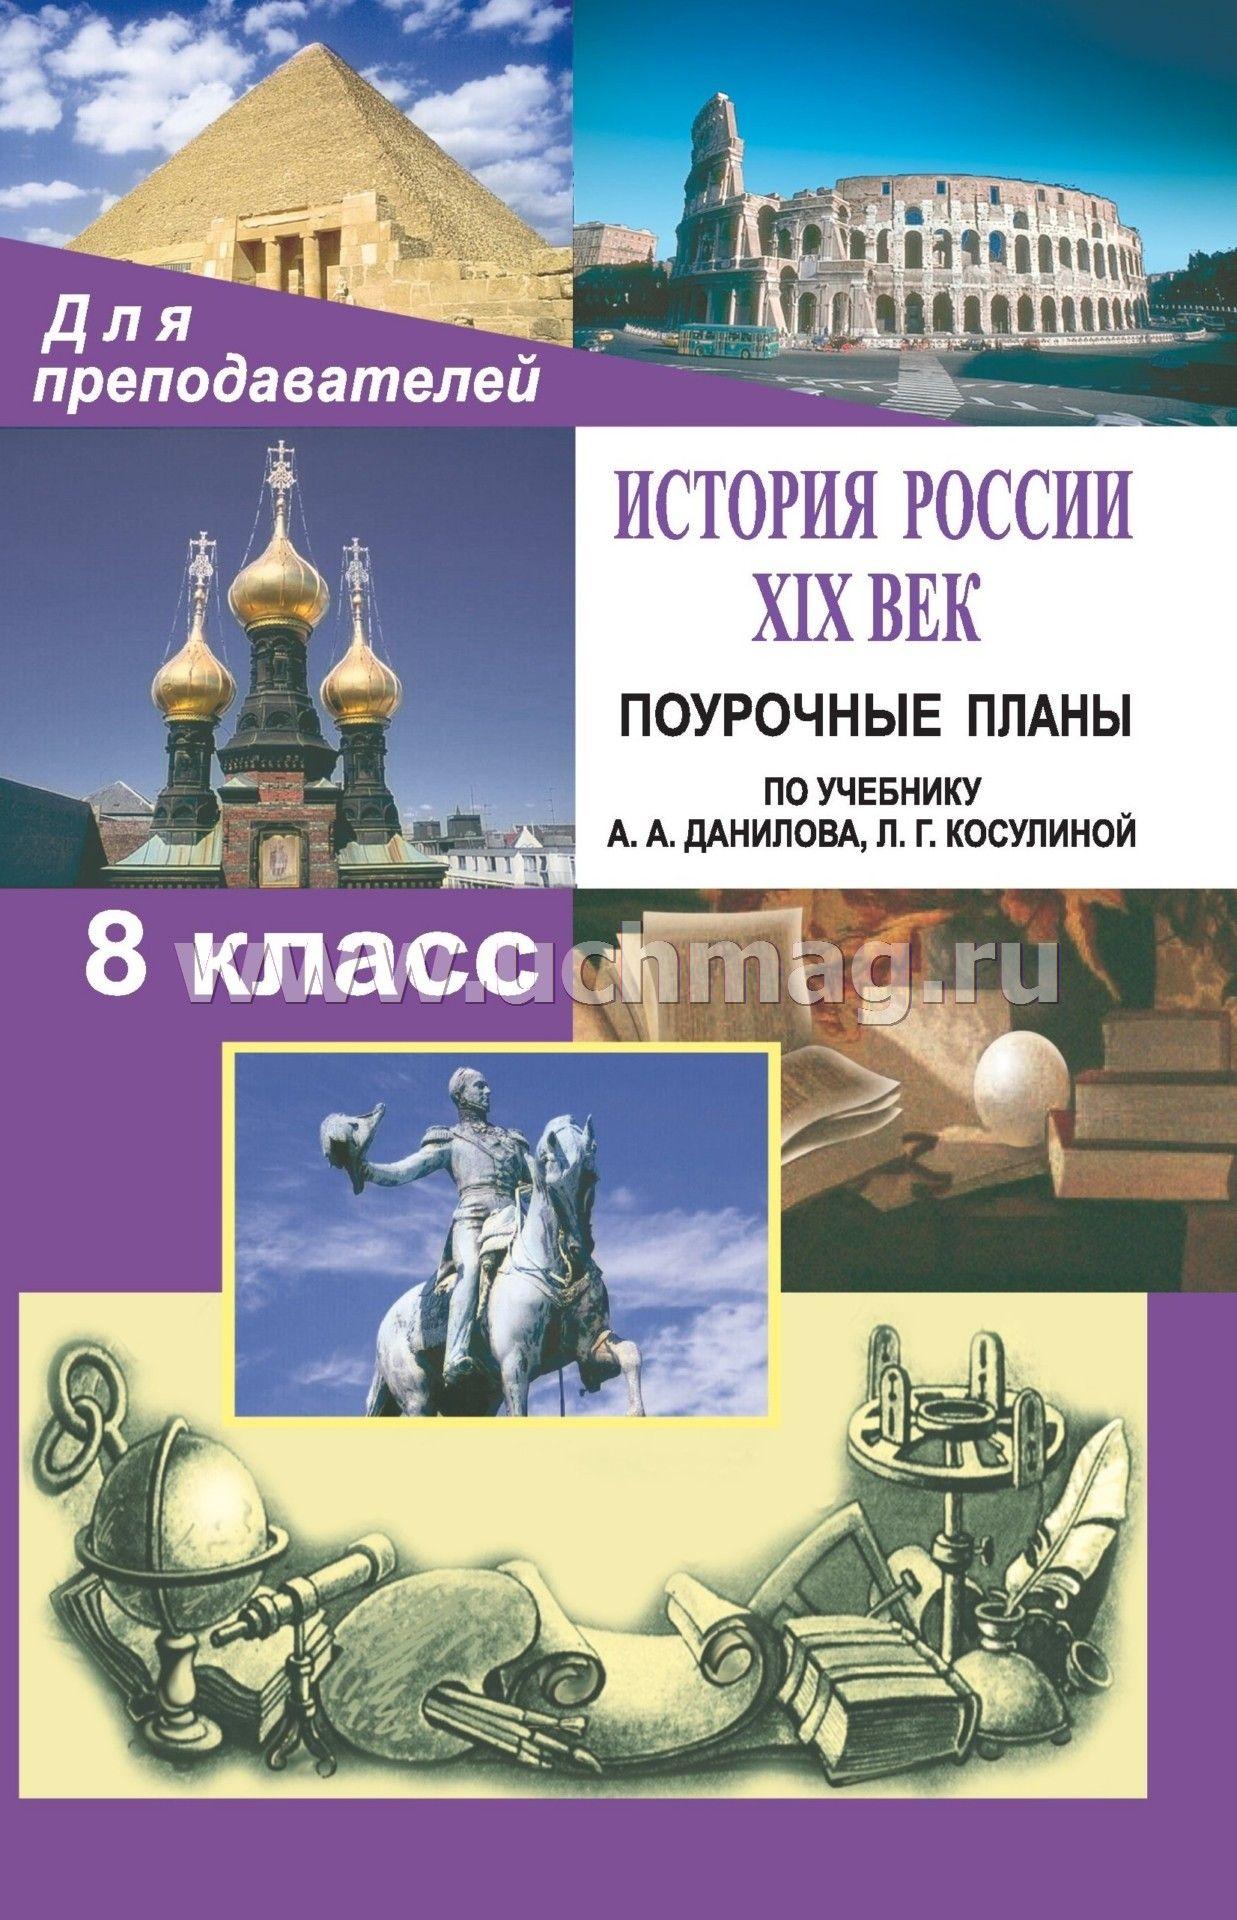 Скачать поурочное разработки по истории россии для 8 класса